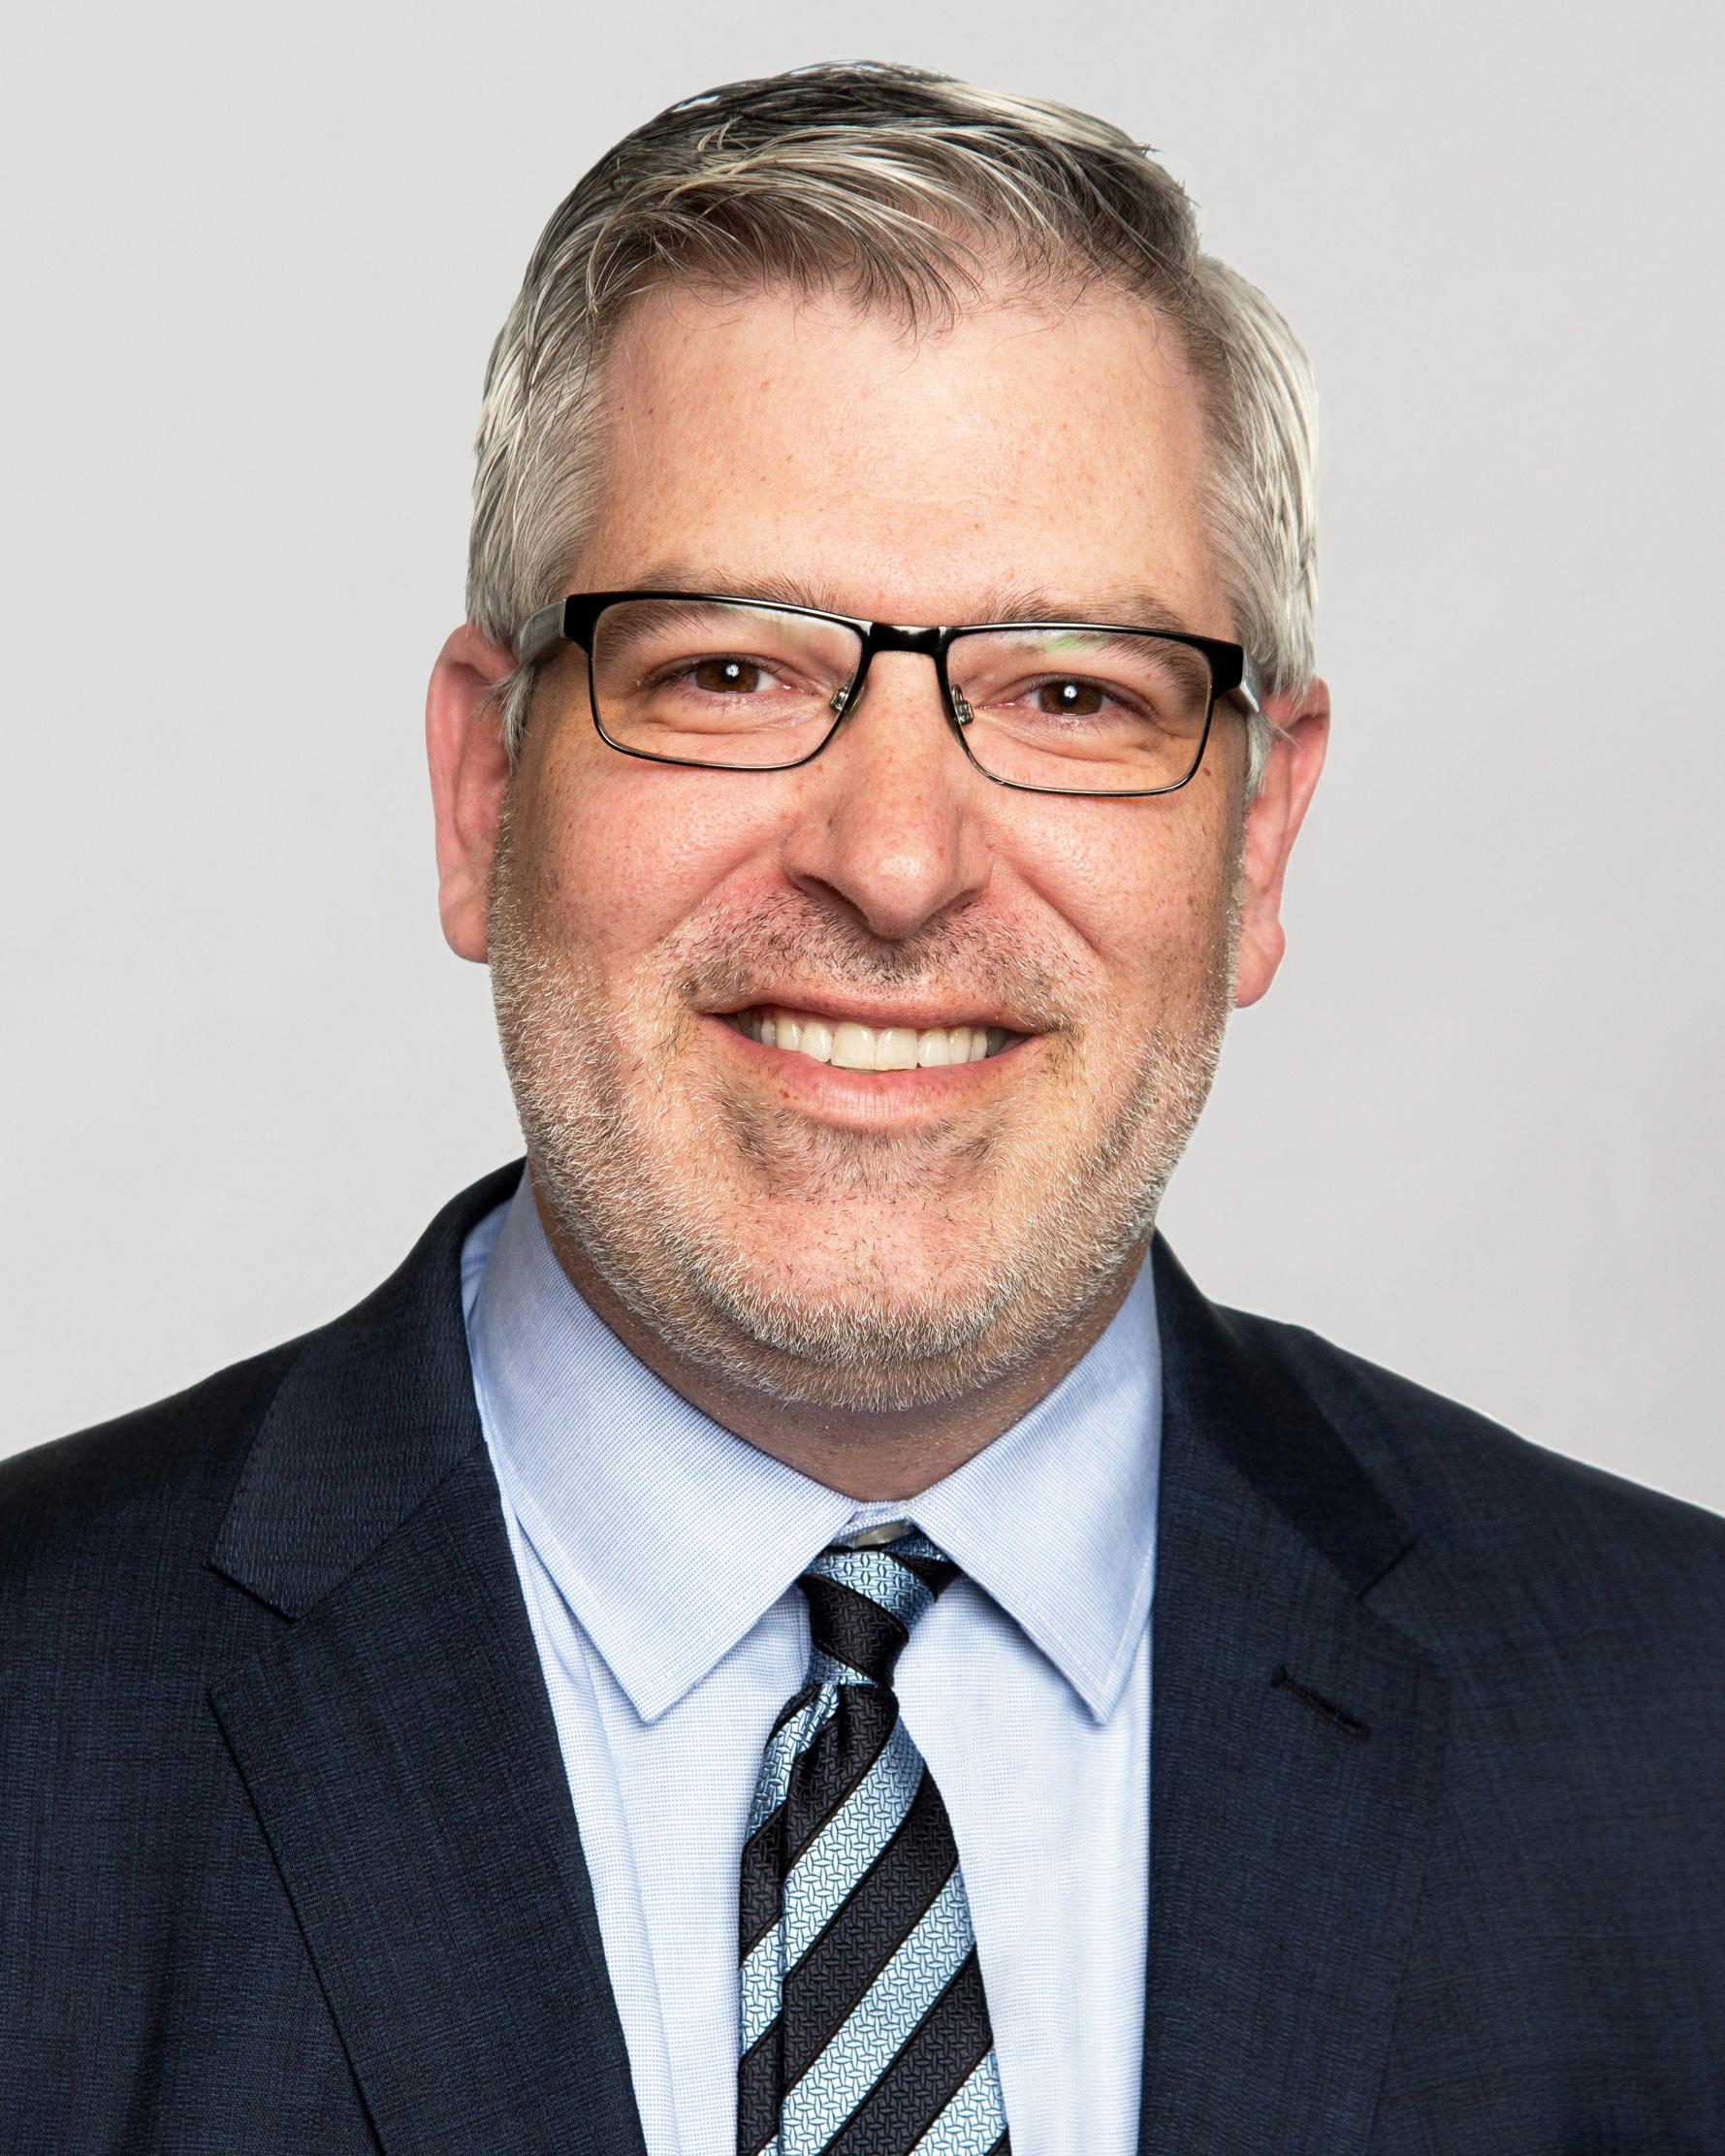 Eric B. Wharton